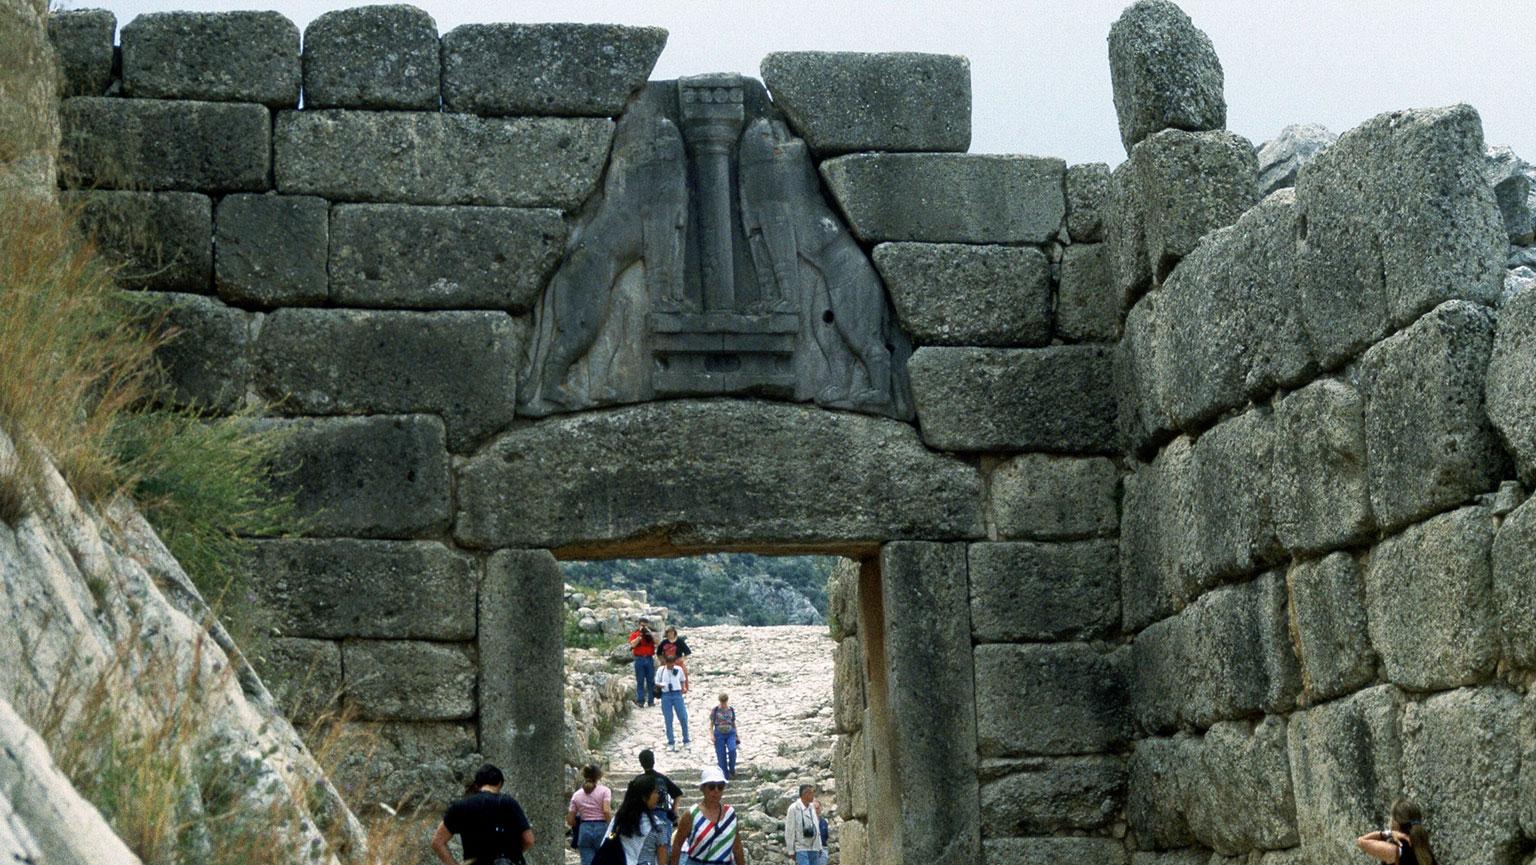 Mycenae—Where Kings Planned the Trojan War